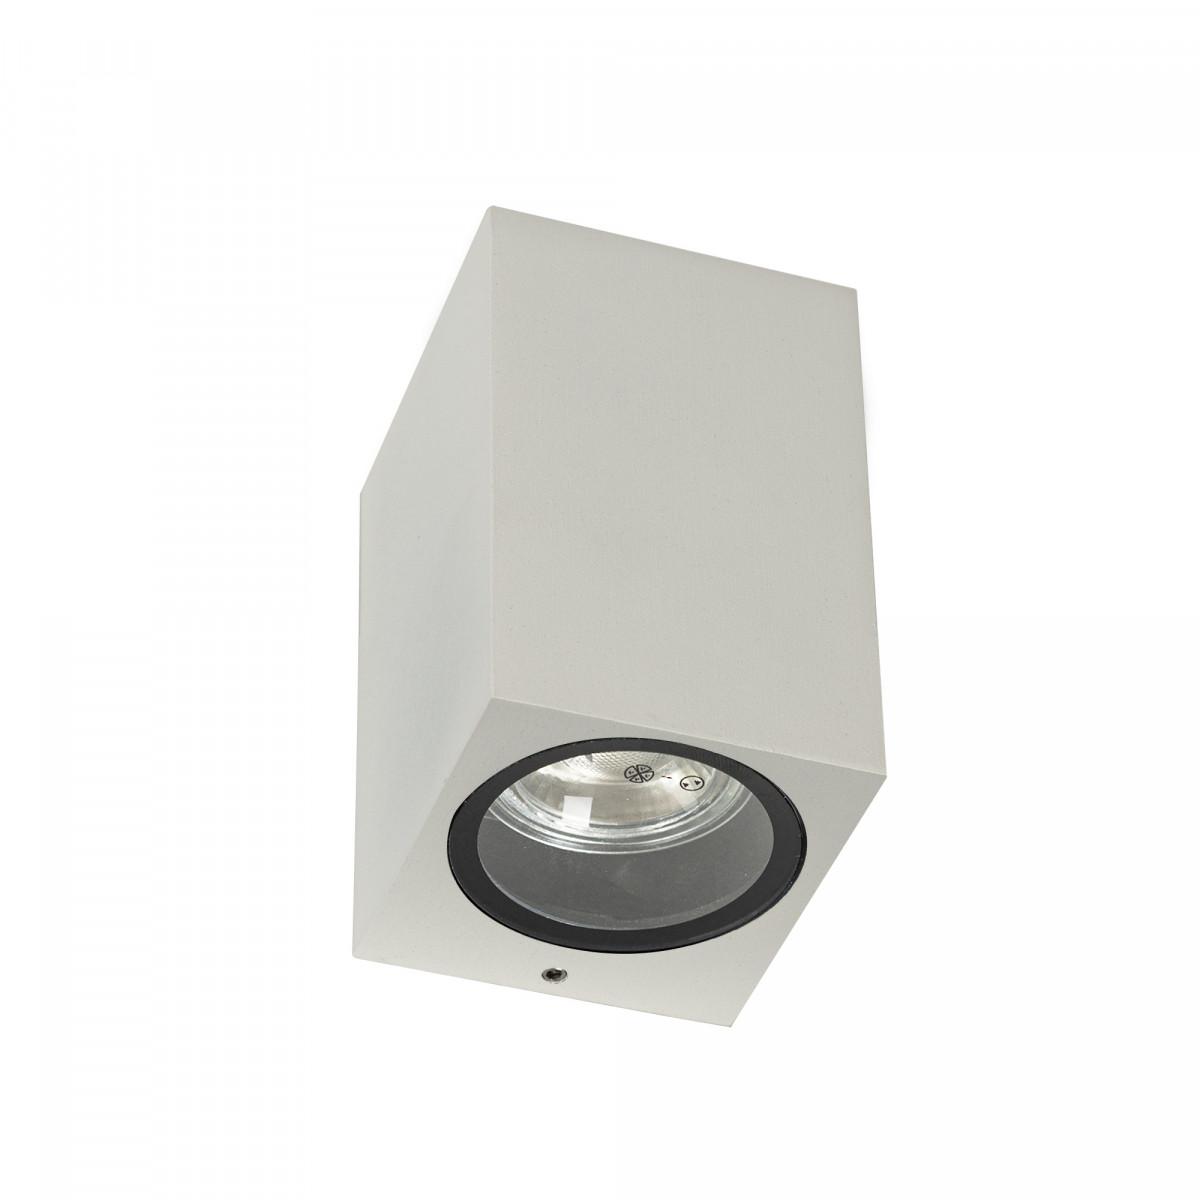 Wandspot van KS Verlichting, moderne wandverlichting, gevelspot kubus vierkant, prachtig design buitenverlichting met stijlvolle witte finish, KS kwaliteitsverlichting